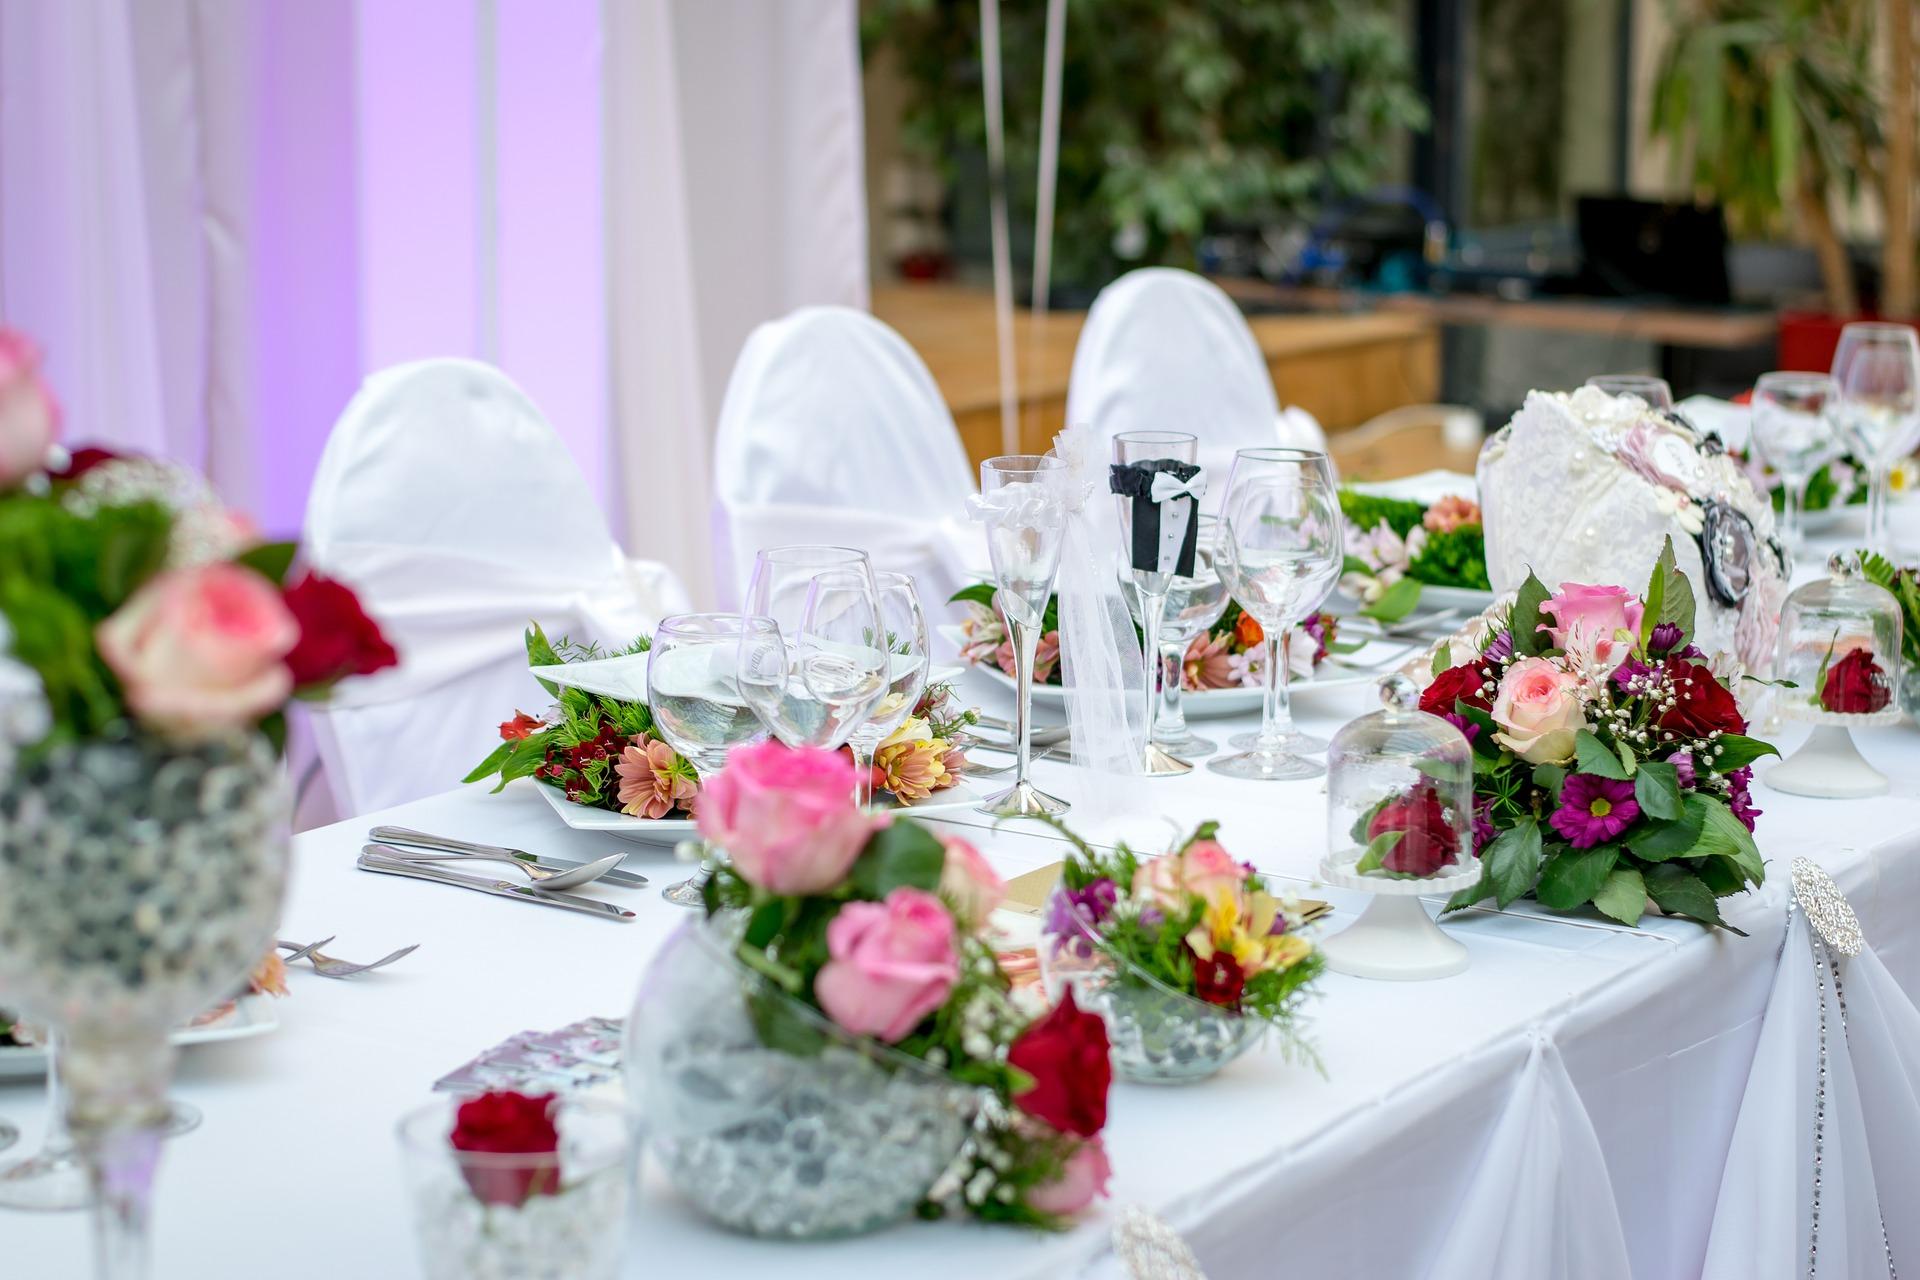 Székszoknya bérlés esküvőre: készülődés a nagy napra